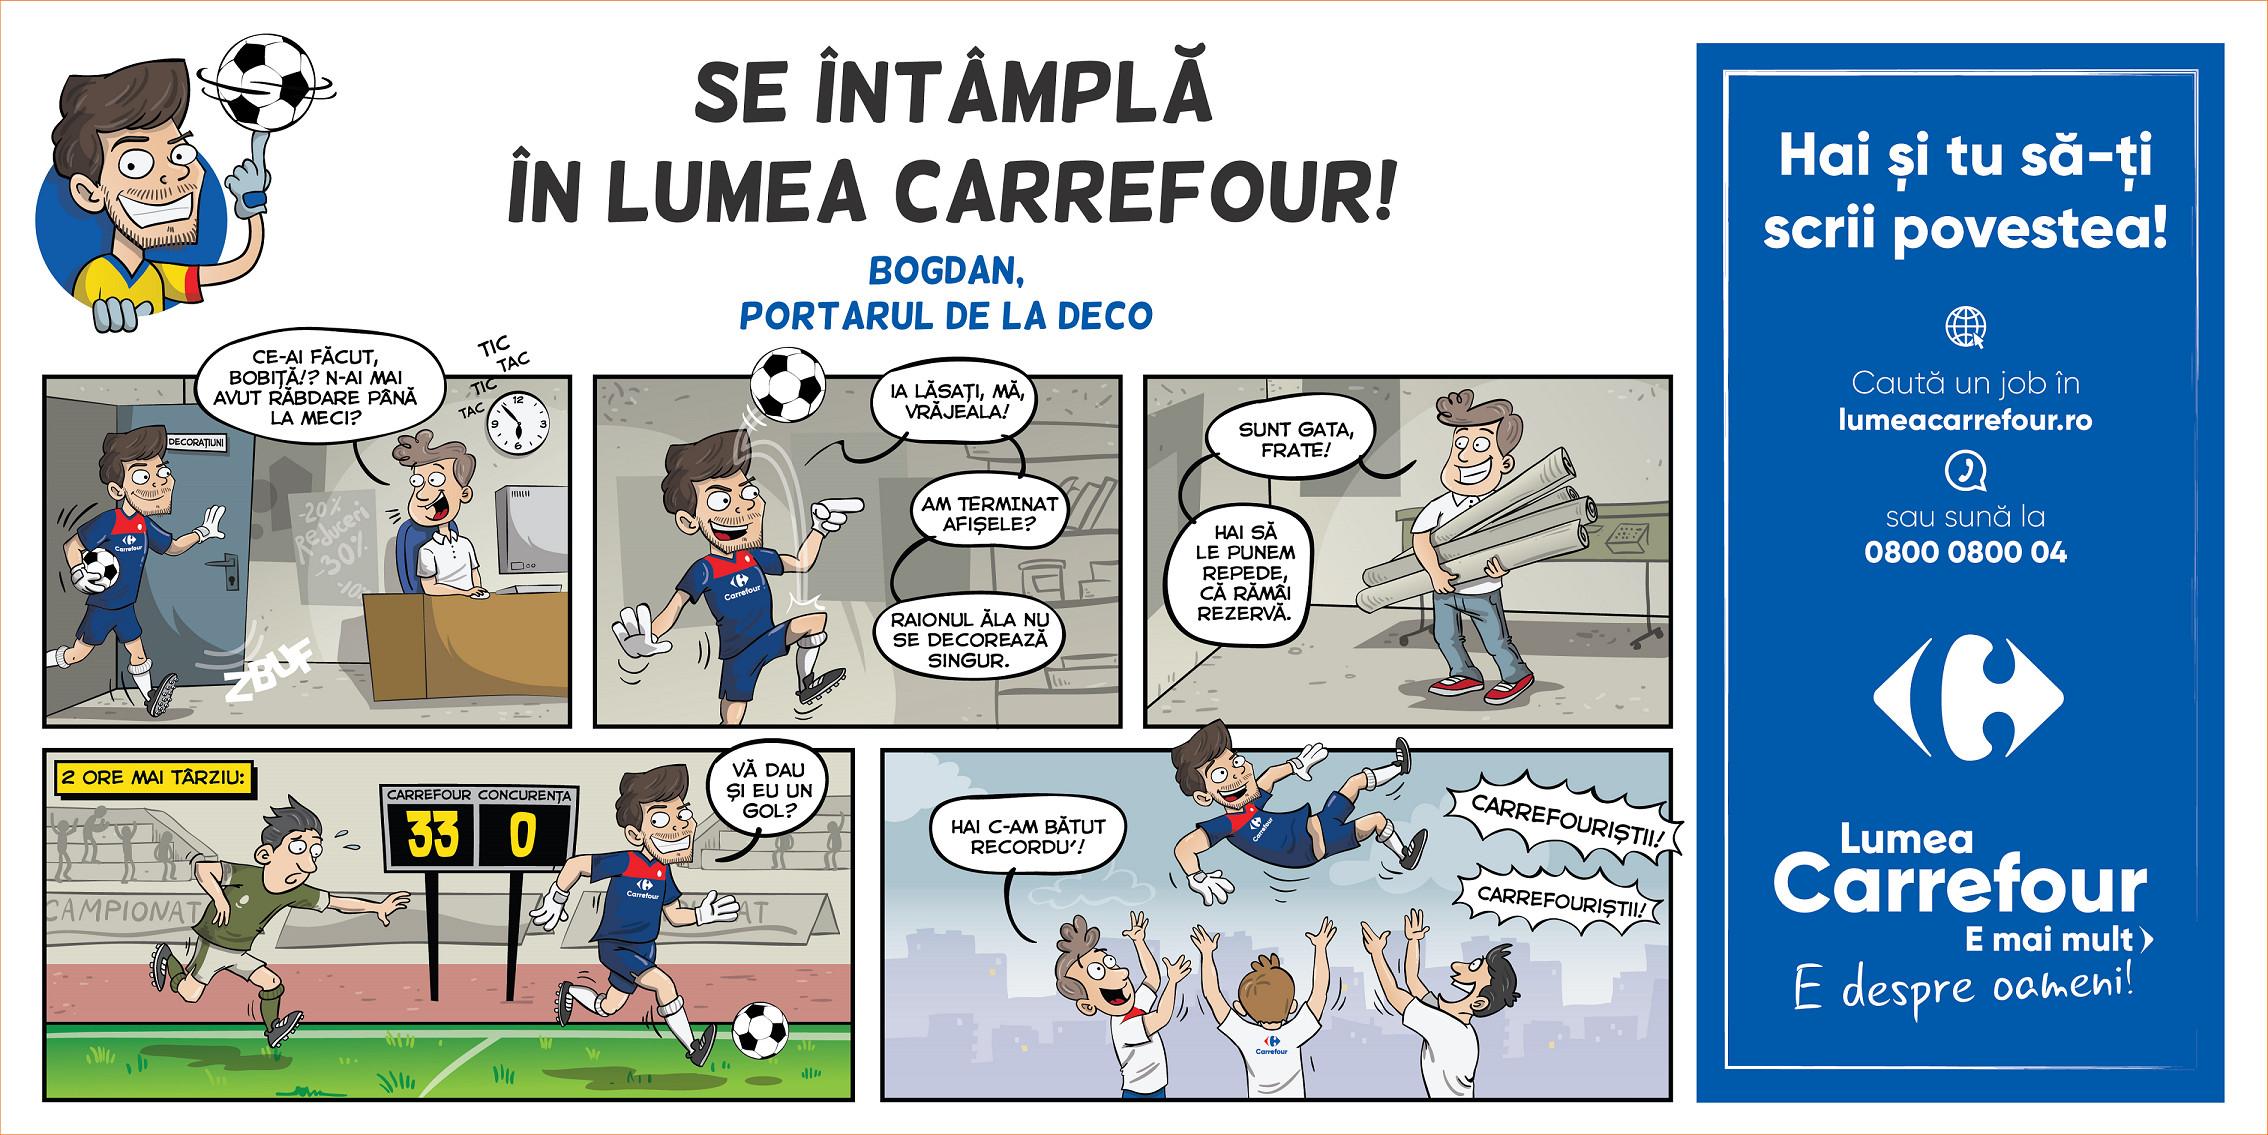 Lumea Carrefour e mai mult. E despre oameni! Carrefour România lansează o nouă campanie de brand de angajator